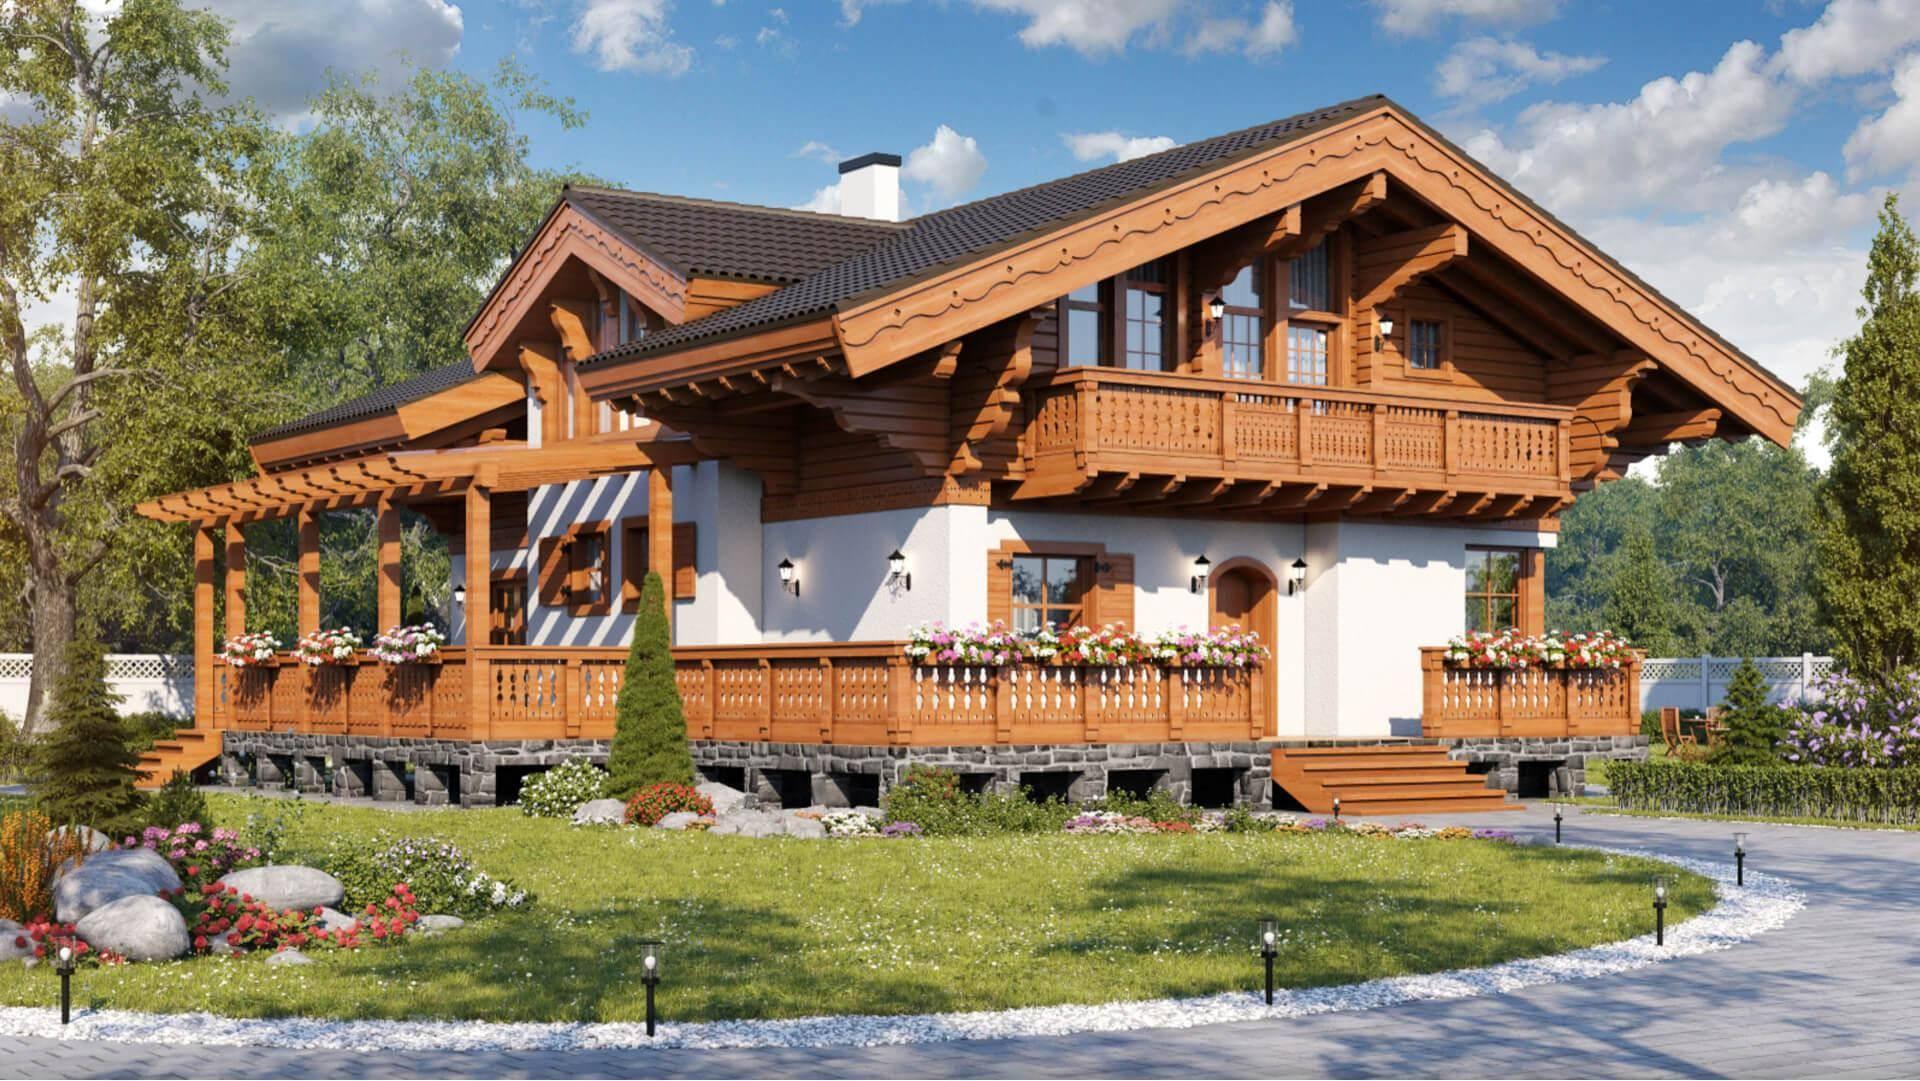 Дома в стиле шале: особенности, обустройство фундамента, утепление, создание внутреннего интерьера, фотогалерея